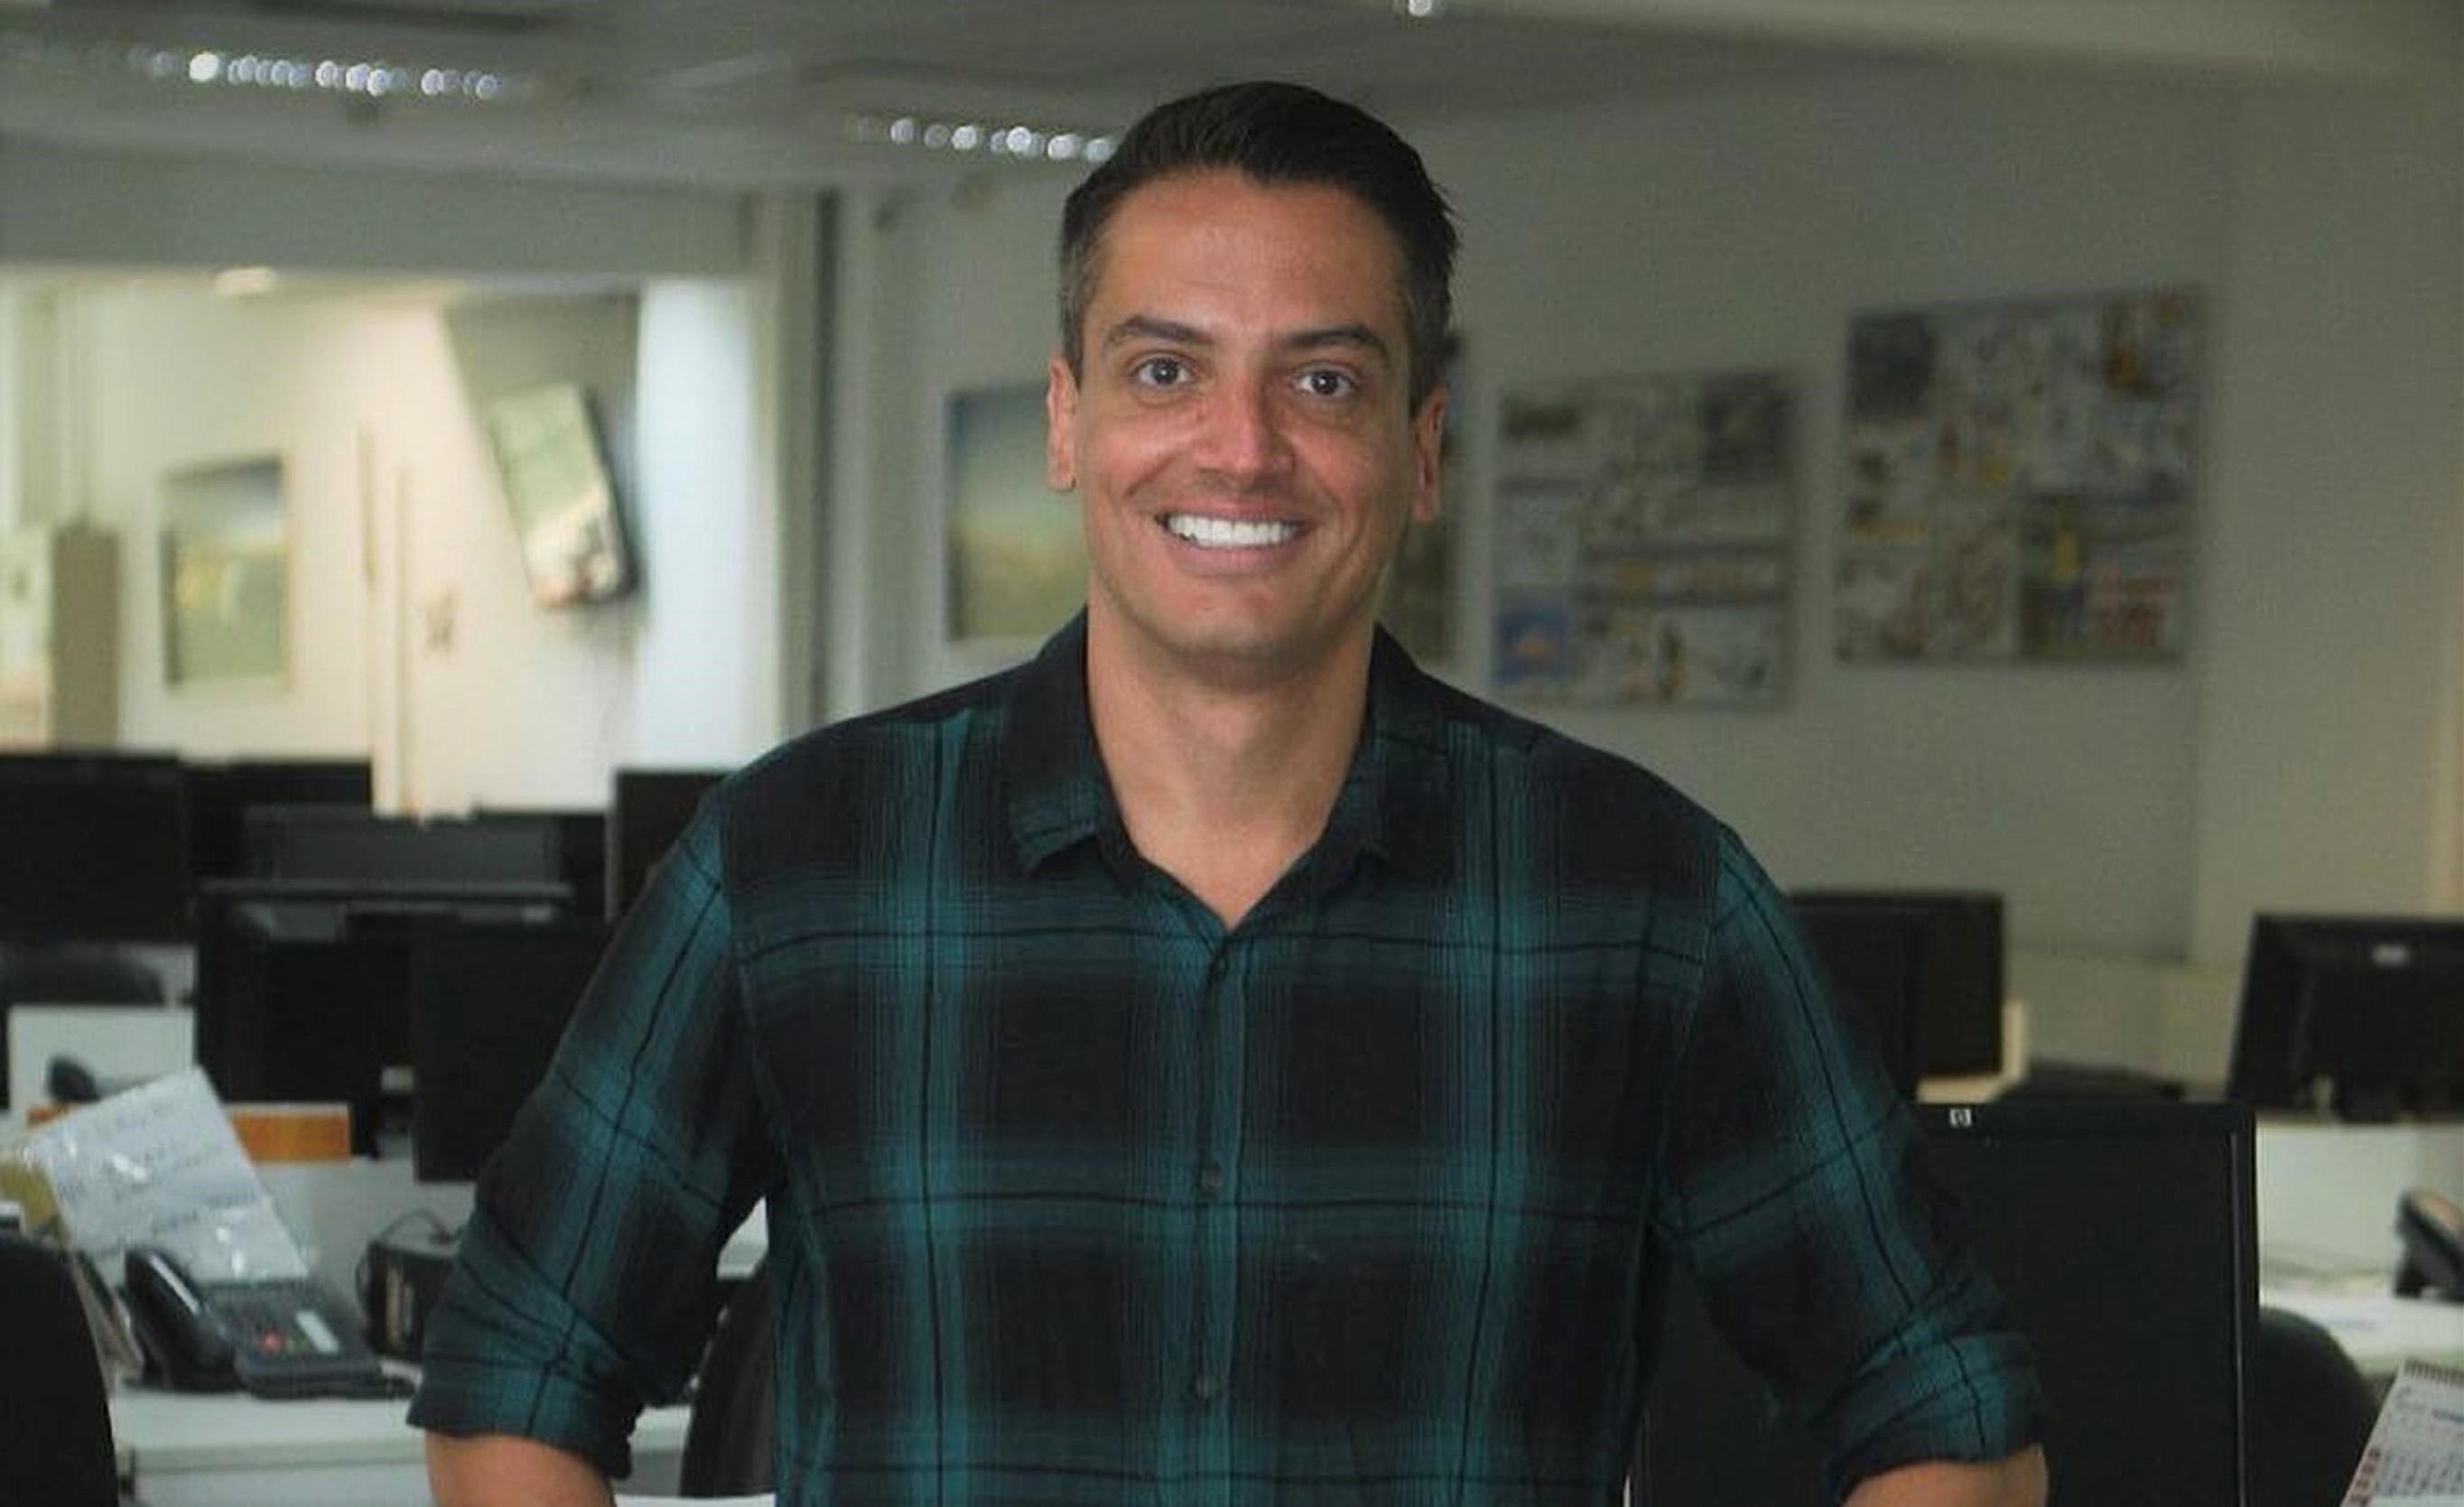 Leo Dias anuncia novo afastamento do SBT: 'Recomeçar'